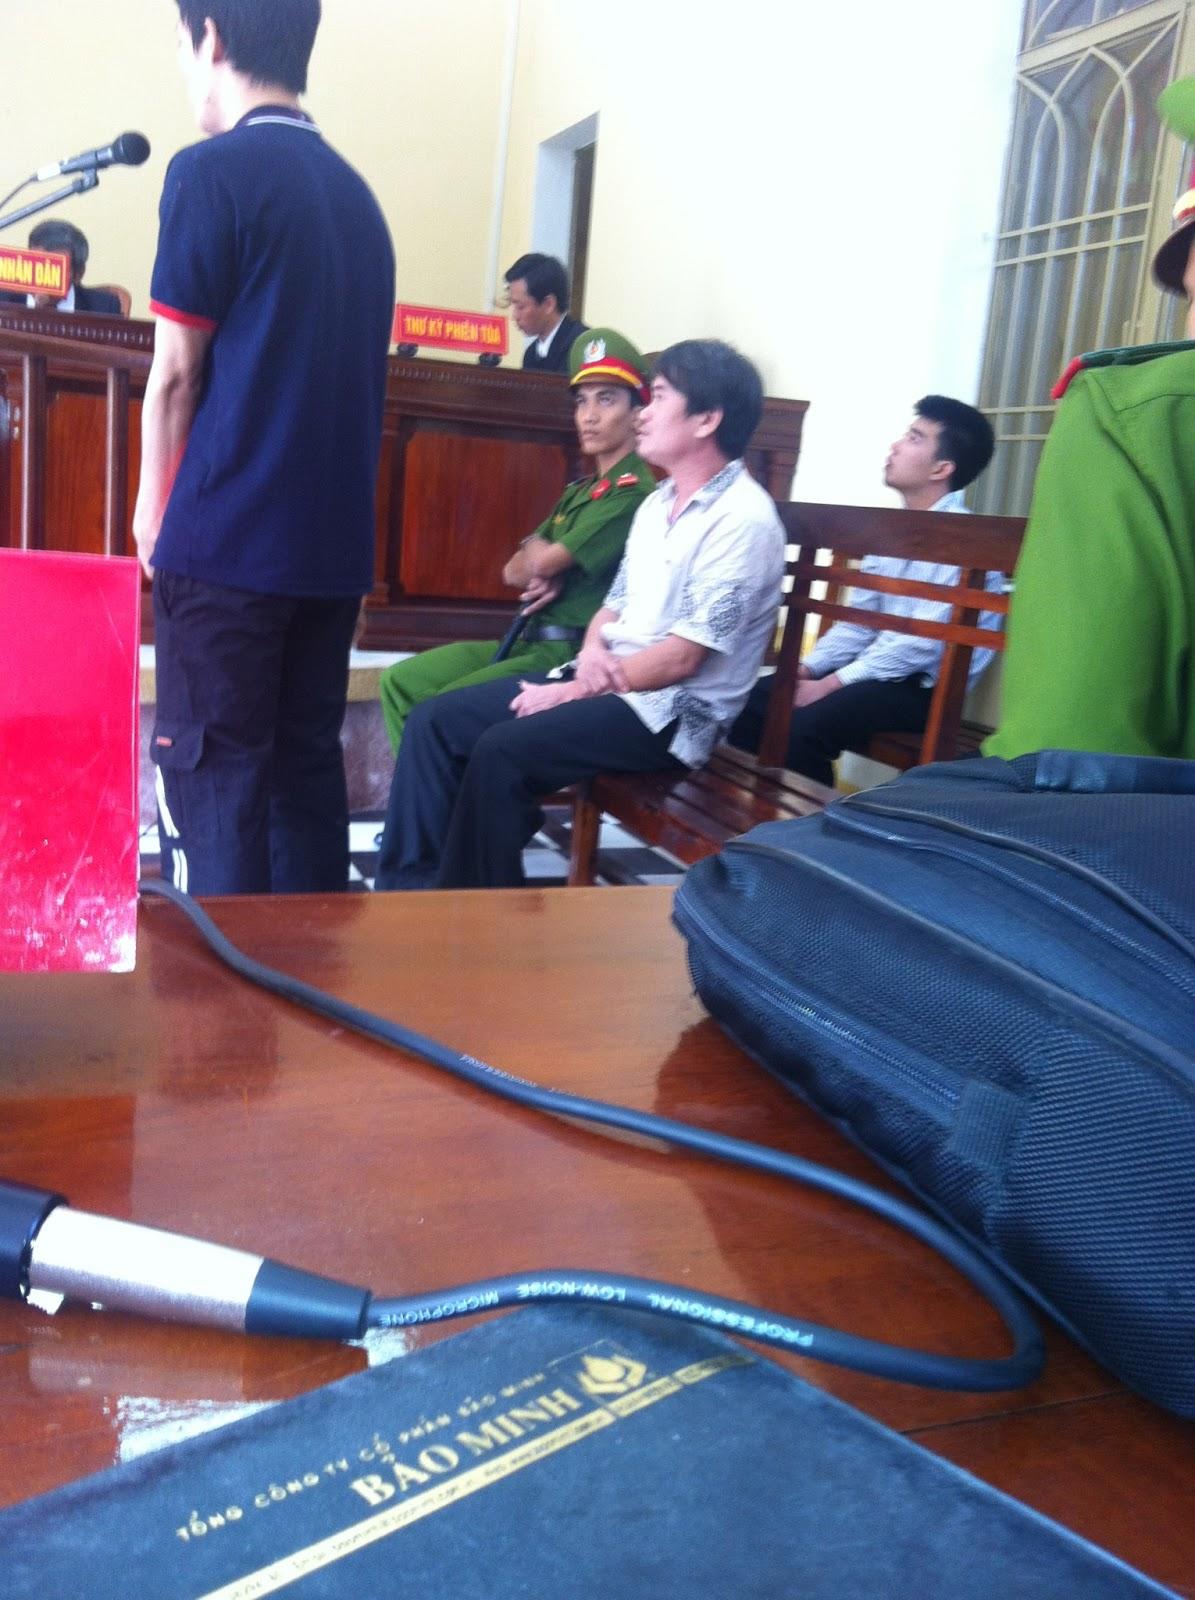 Bị cáo Phạm Hữu Quyền  (áo trắng hàng ghế trên) tại phiên tòa